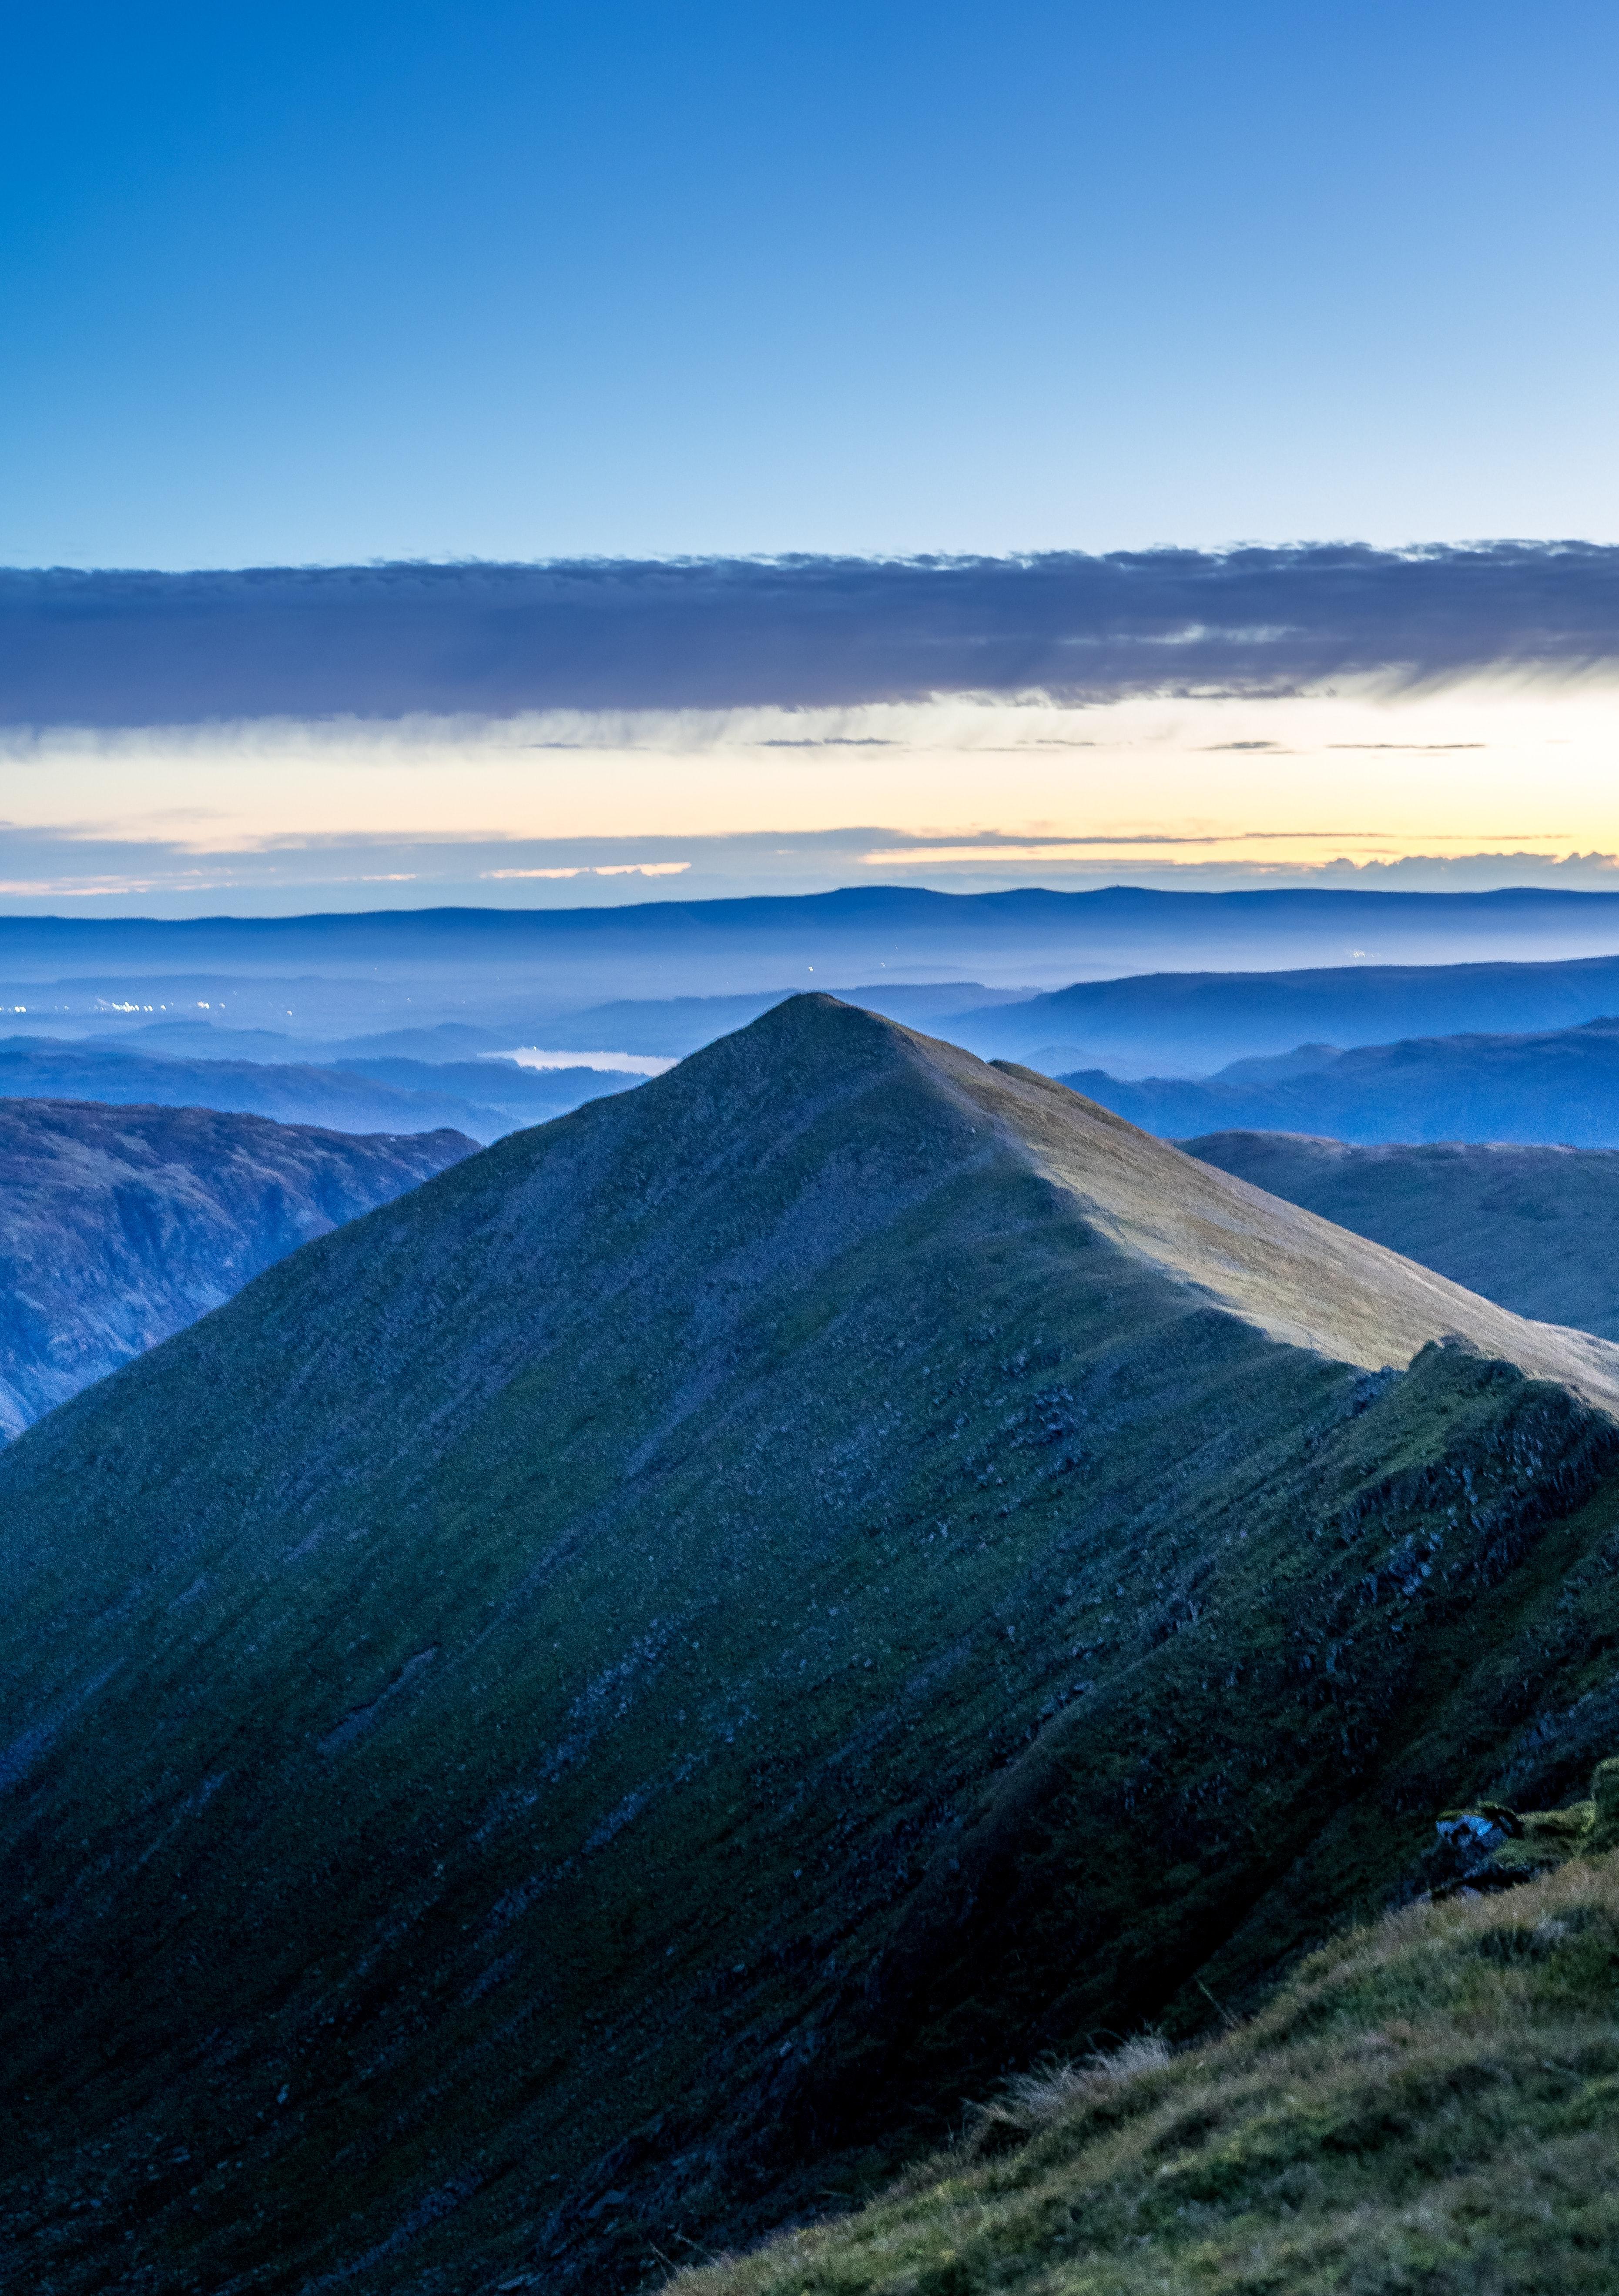 99684 скачать обои Природа, Гора, Вершина, Горный Хребет, Облака, Вид - заставки и картинки бесплатно